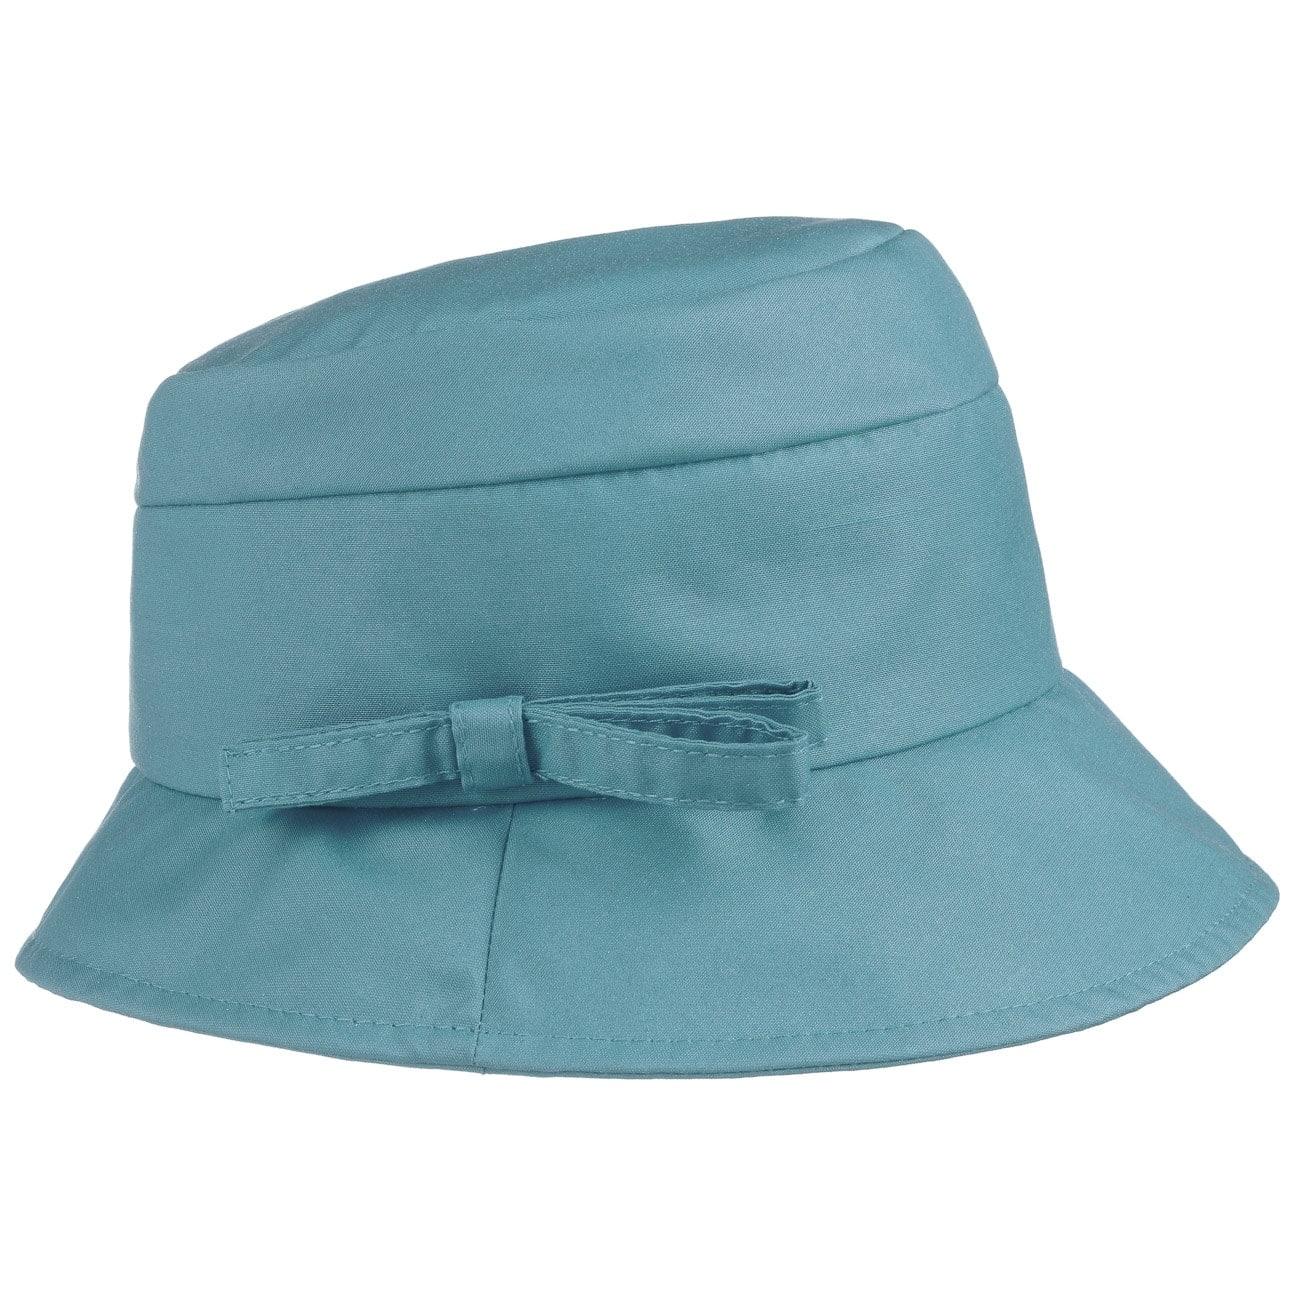 Sombrero de Lluvia Carlina by Bronte